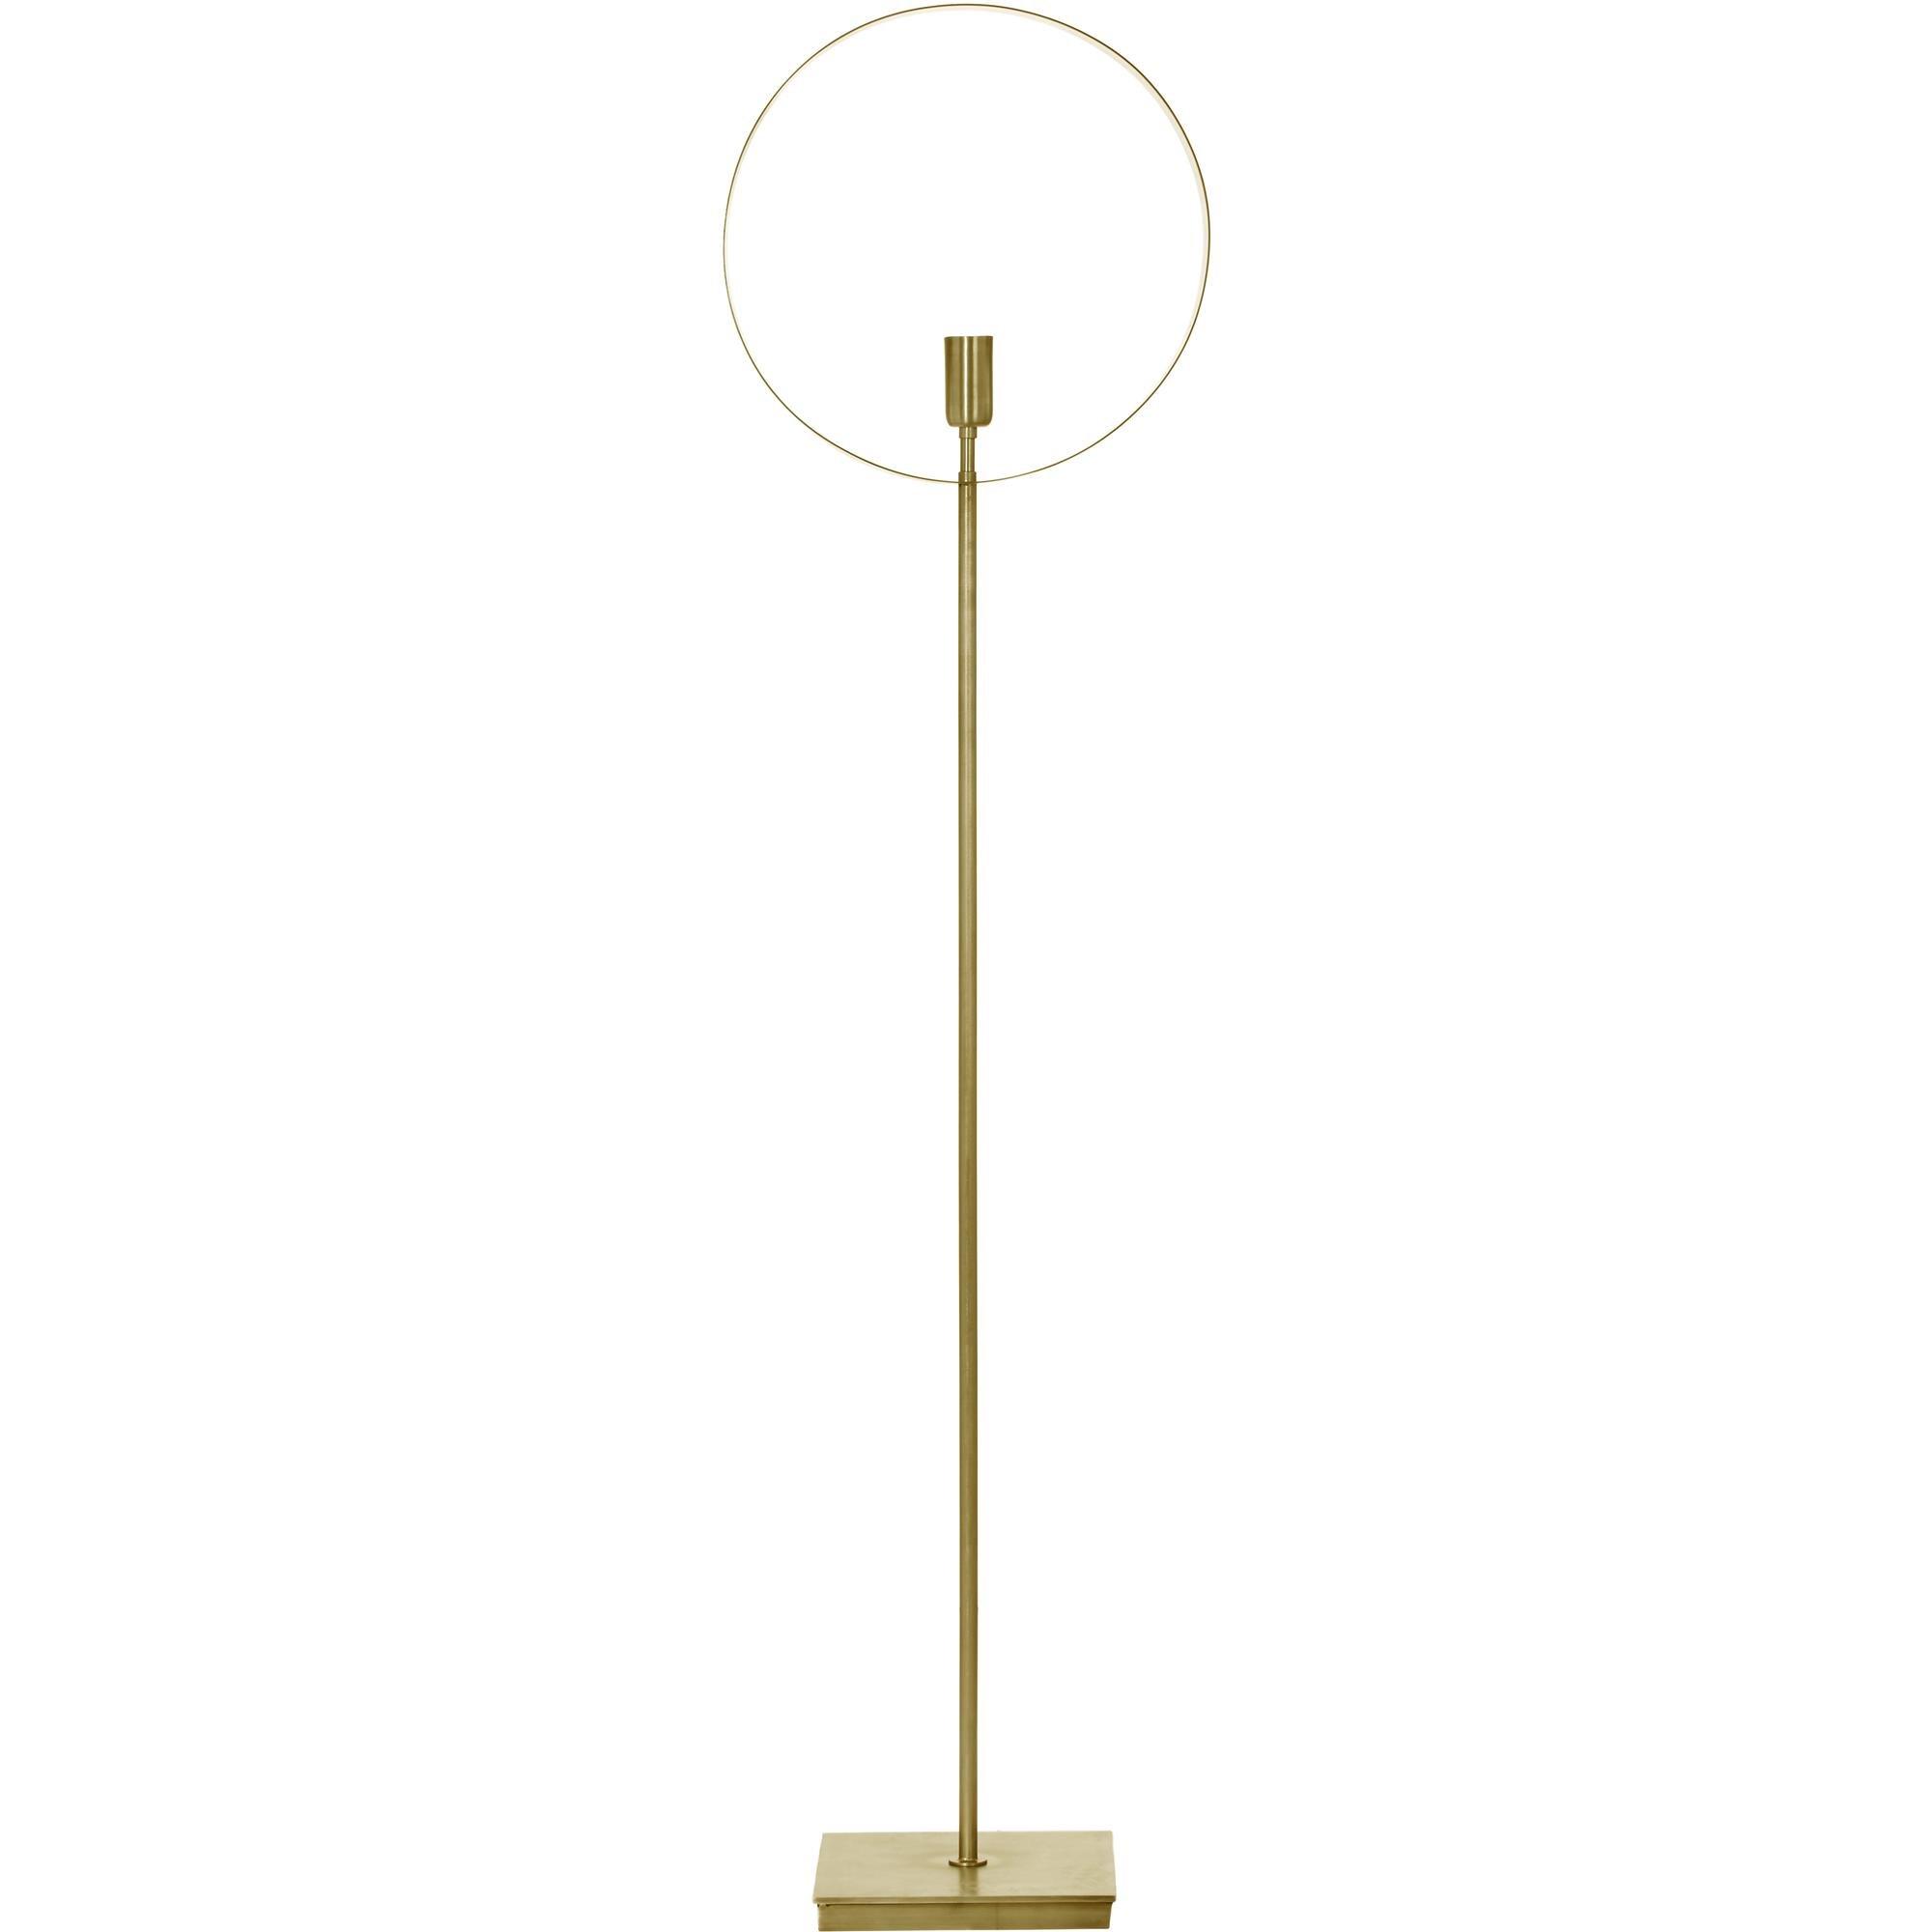 Nowoczesna Lampa Podłogowa Atmosphere Złota